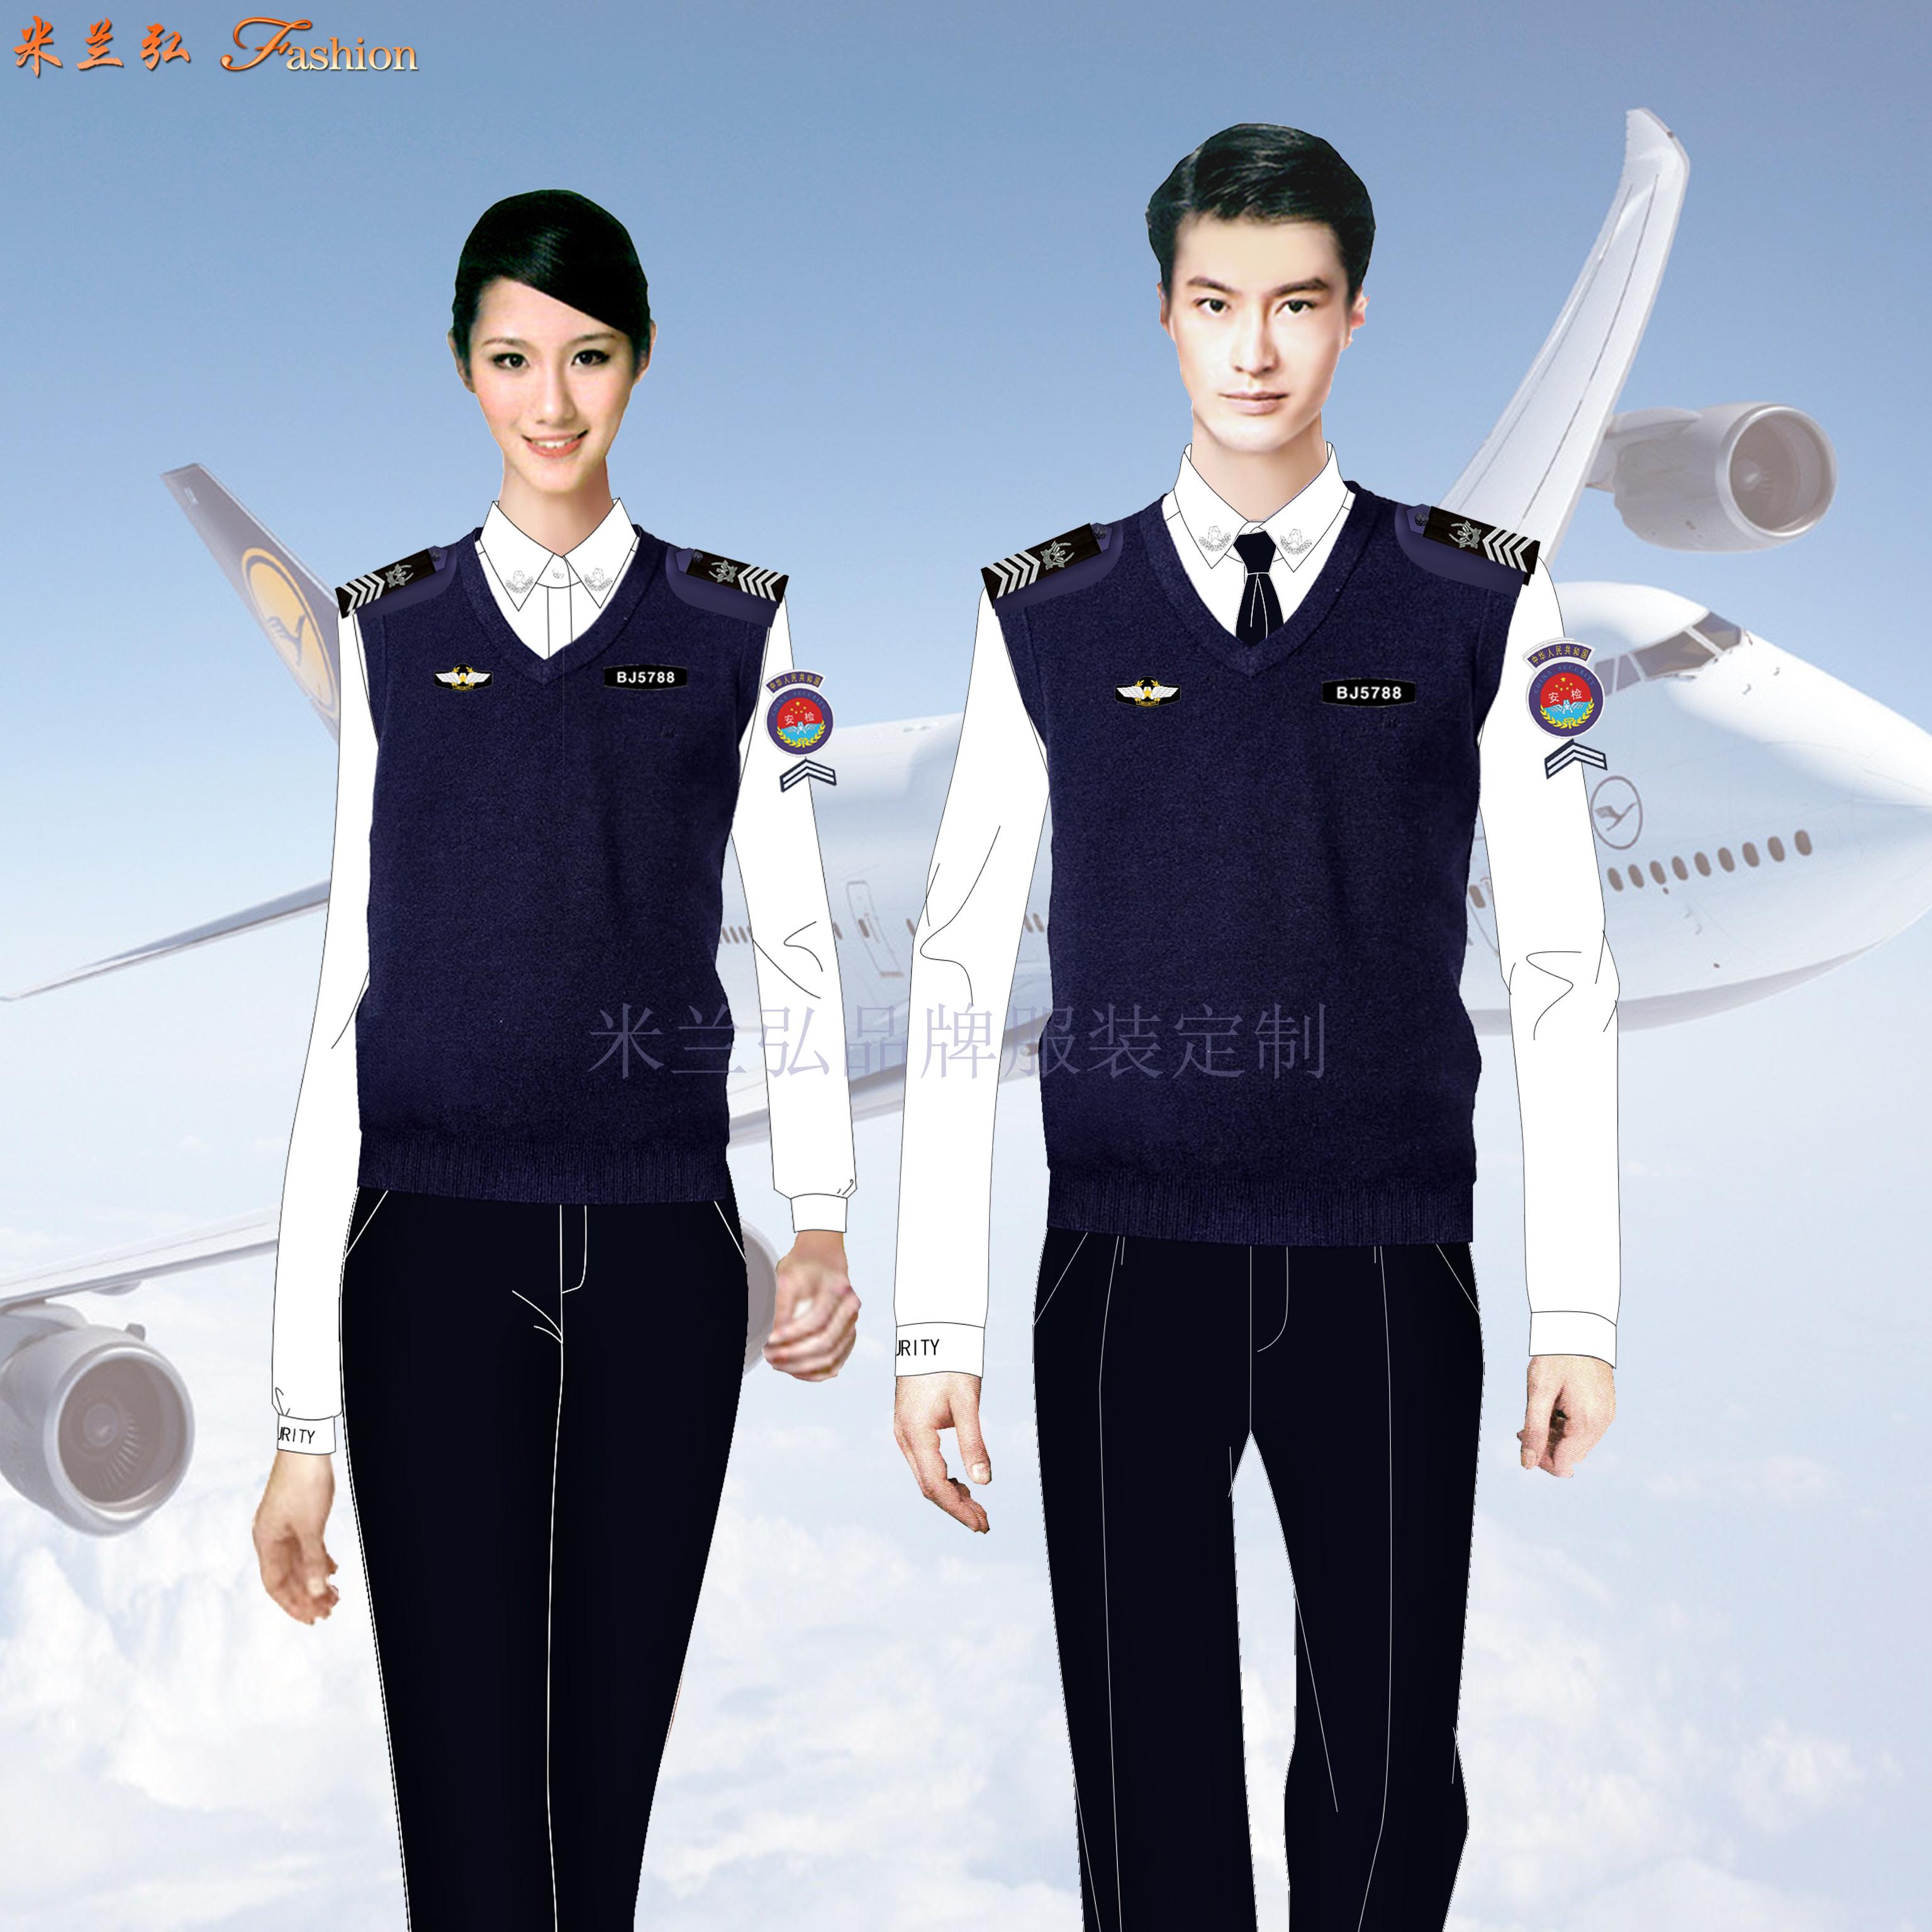 廣州白云國際機場民航安全檢查員工作服定制-米蘭弘服裝廠家-5